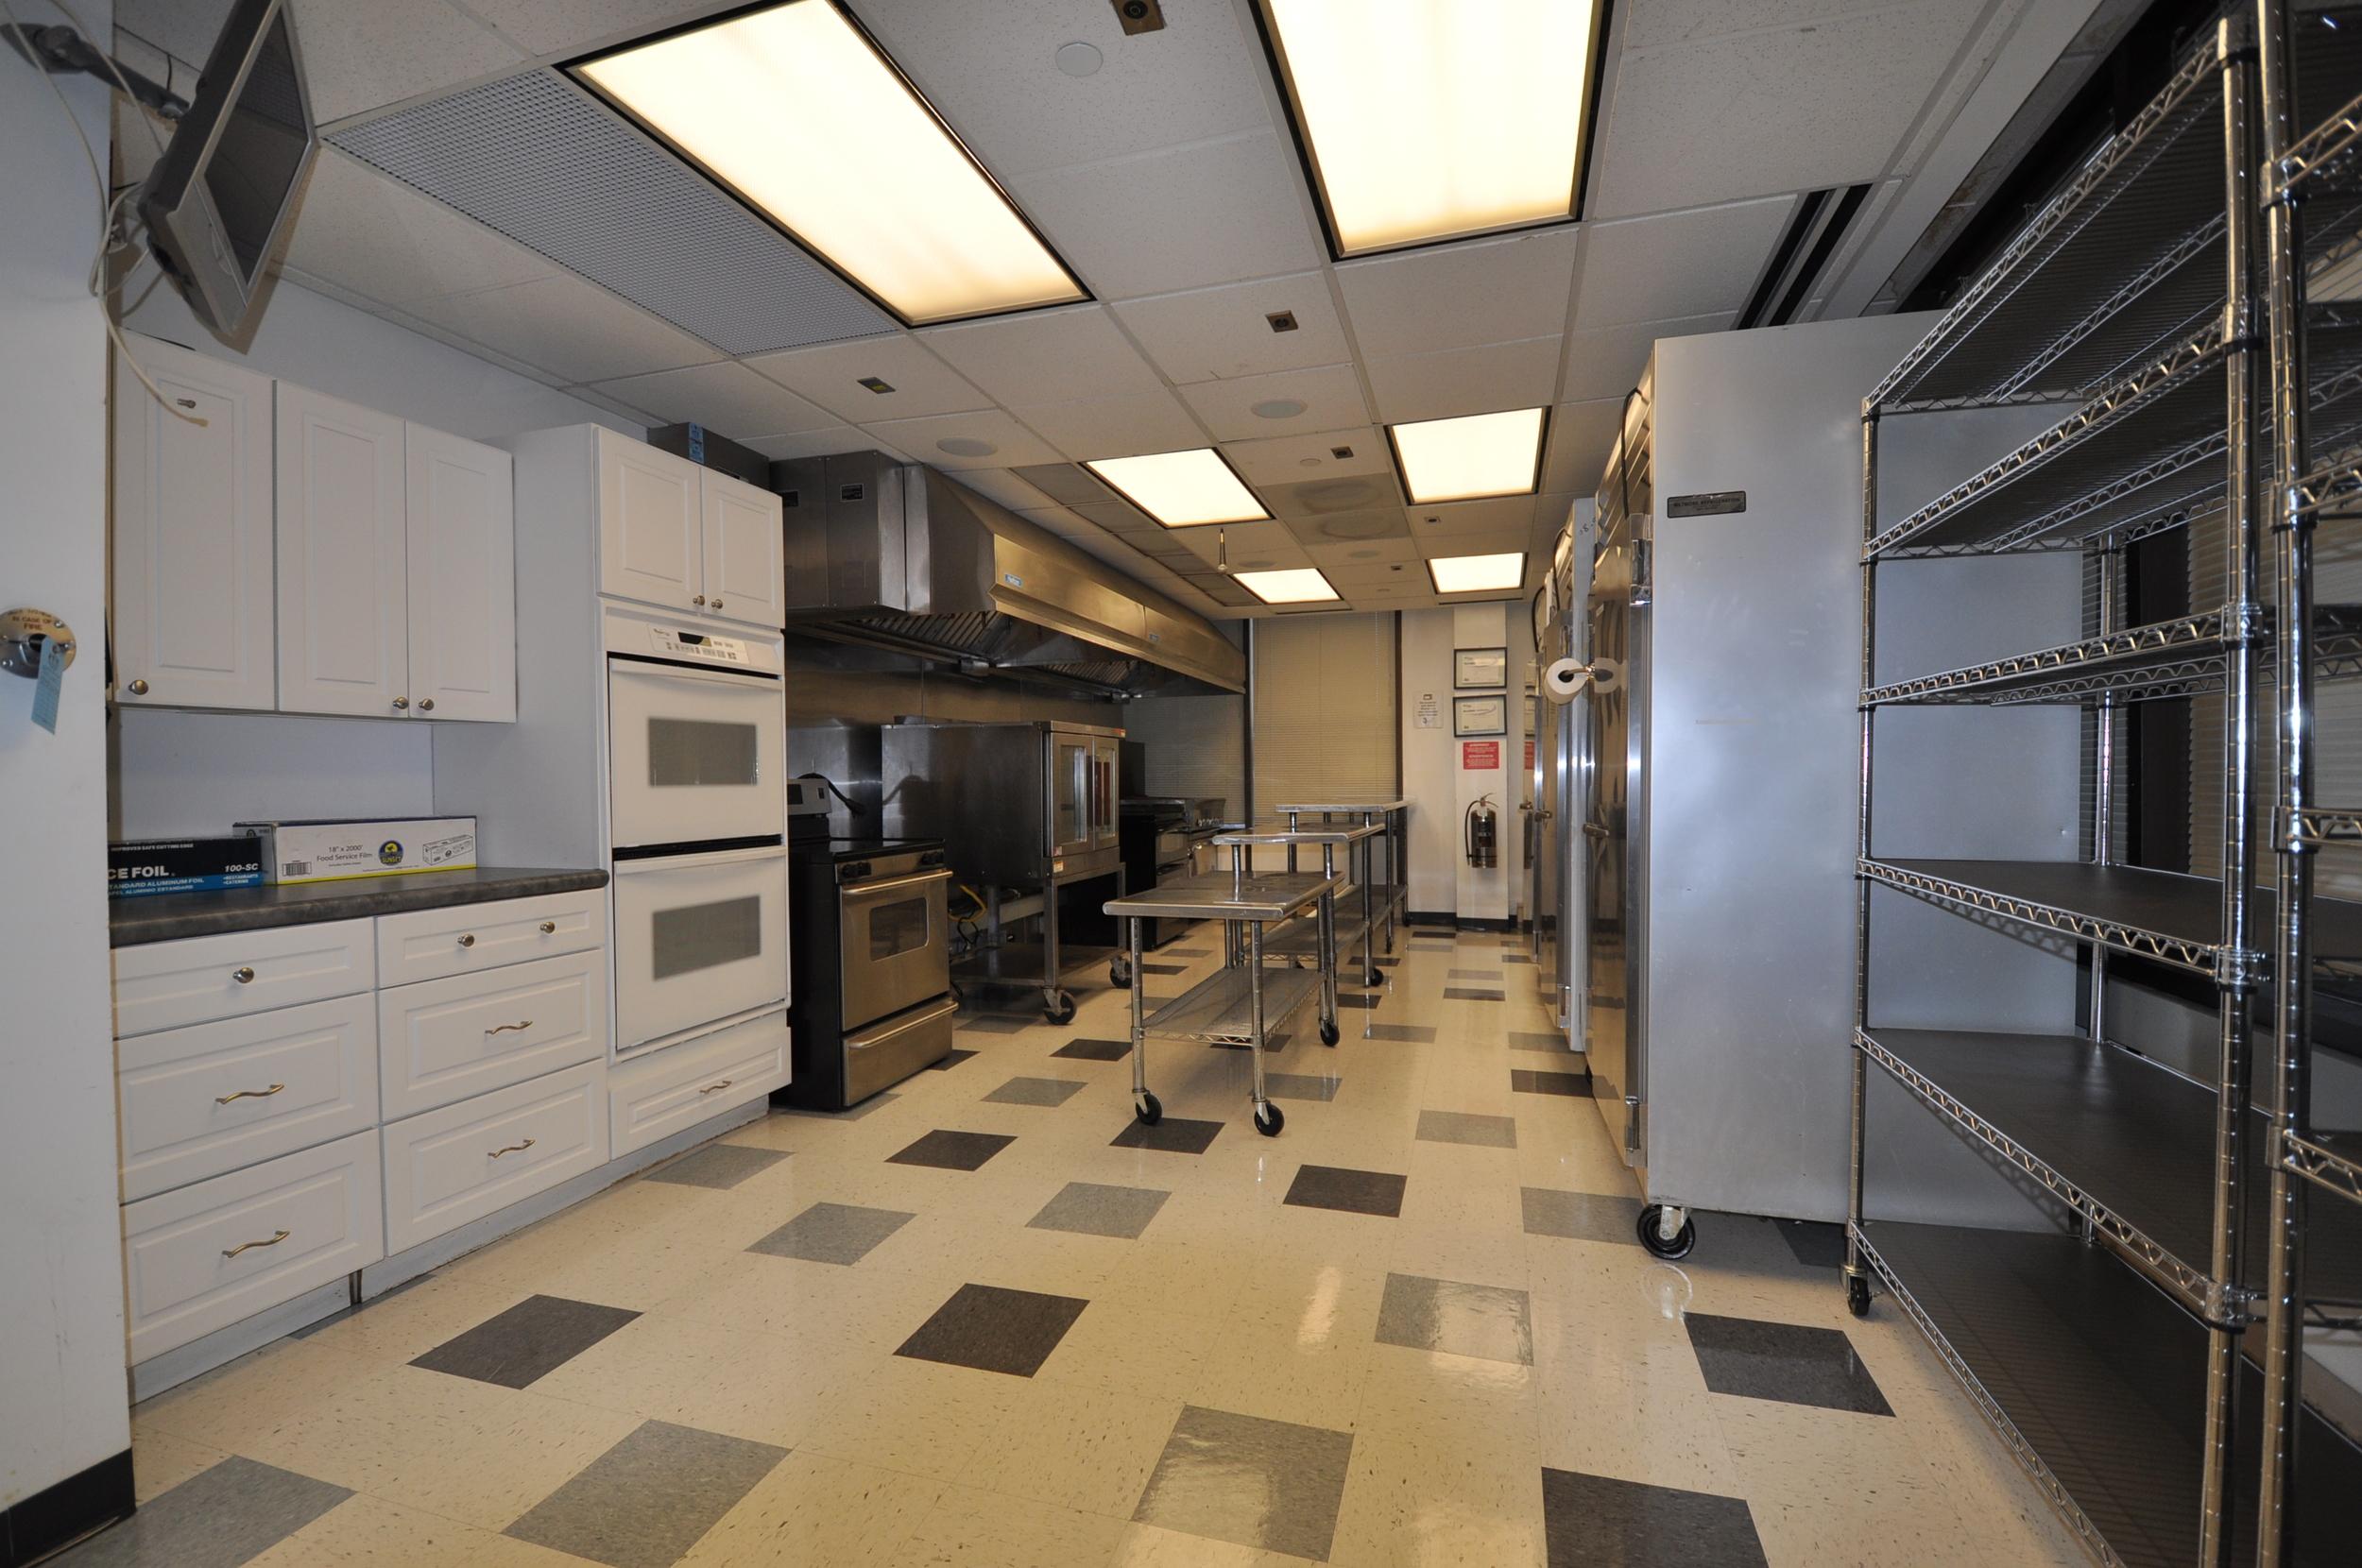 8 Test Kitchen5.JPG